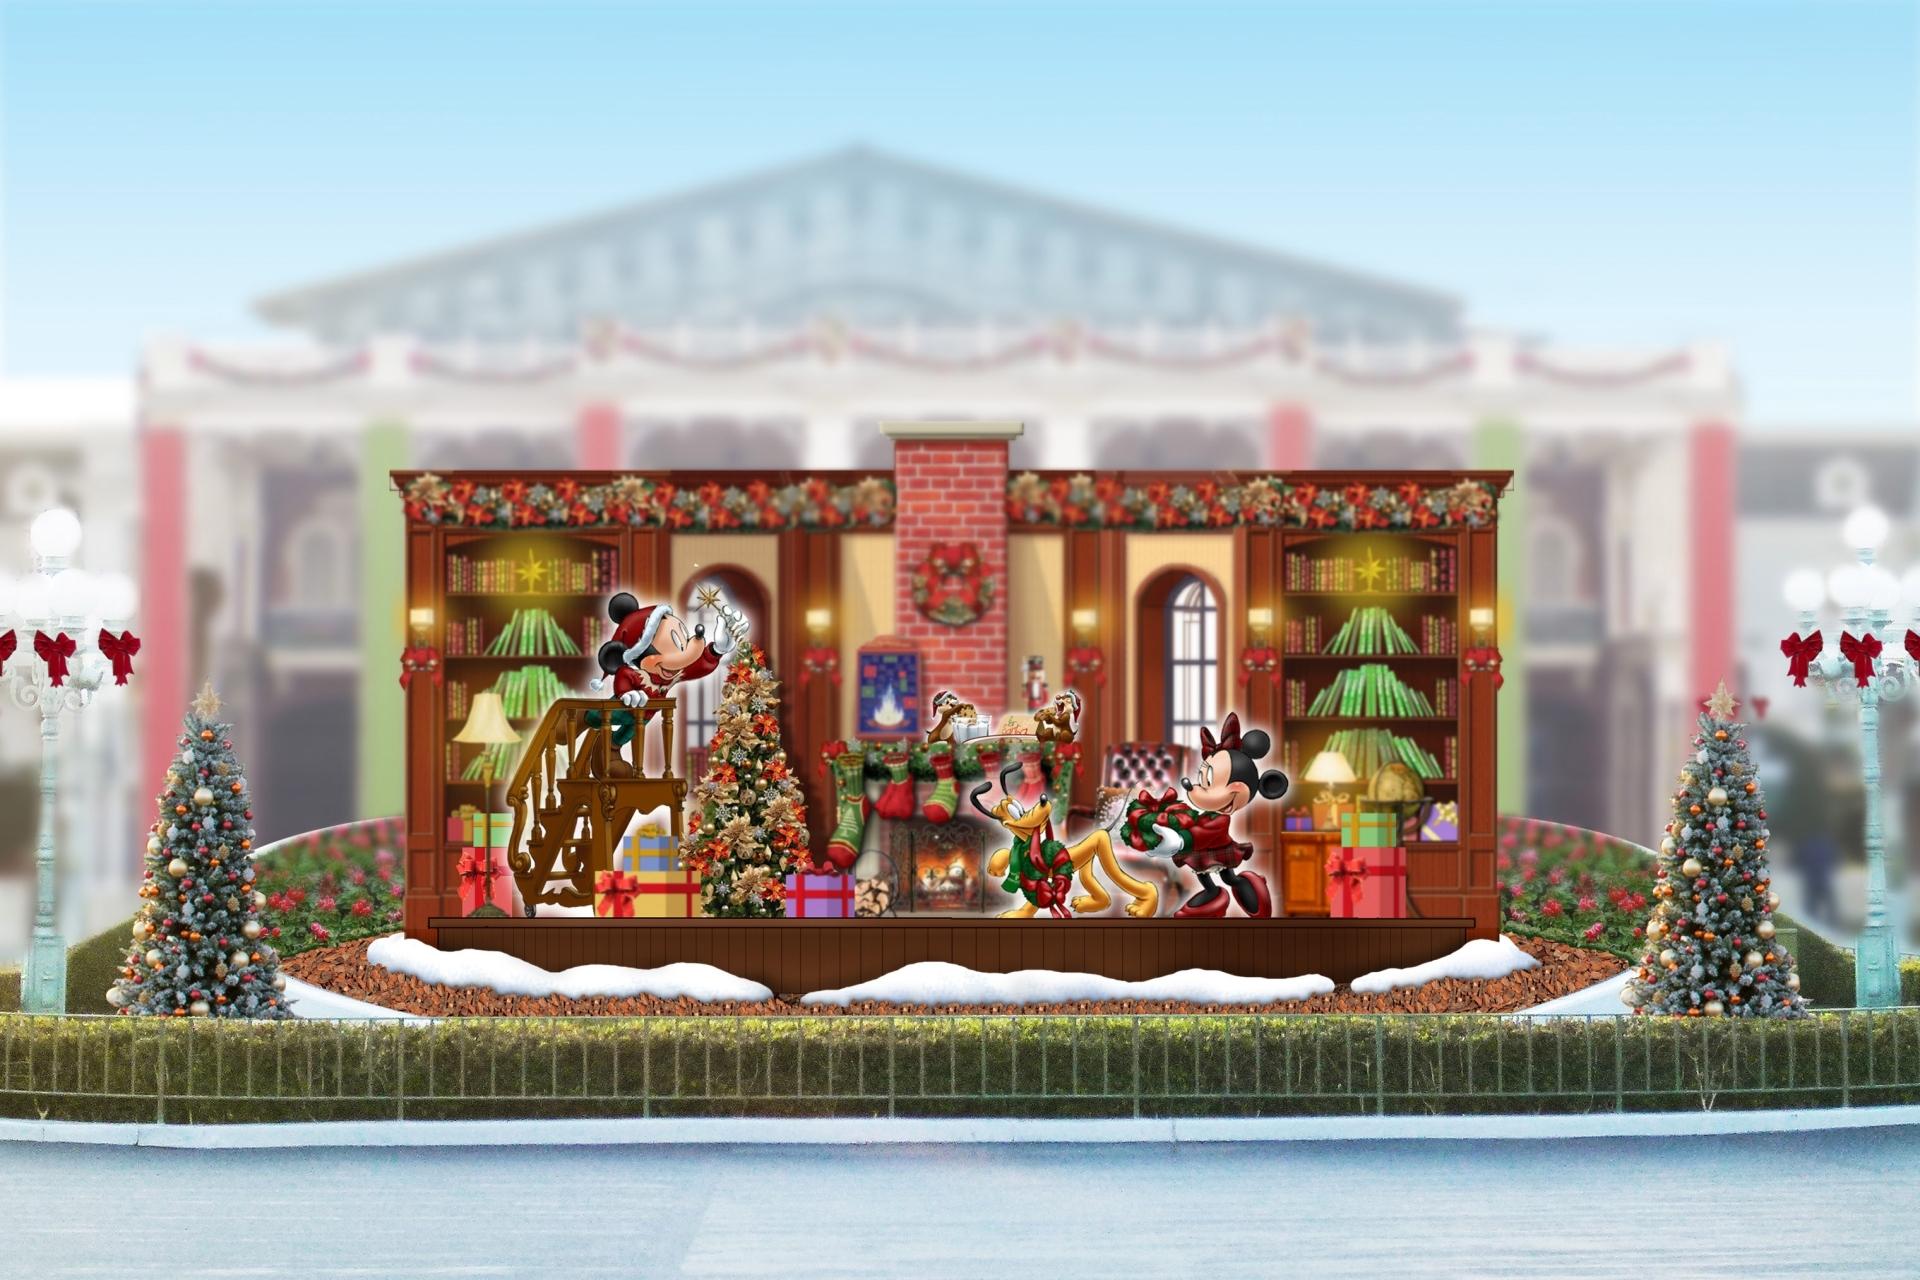 クリスマス・ファンタジー エントランスのフォトロケーション ※イメージ (C)Disney